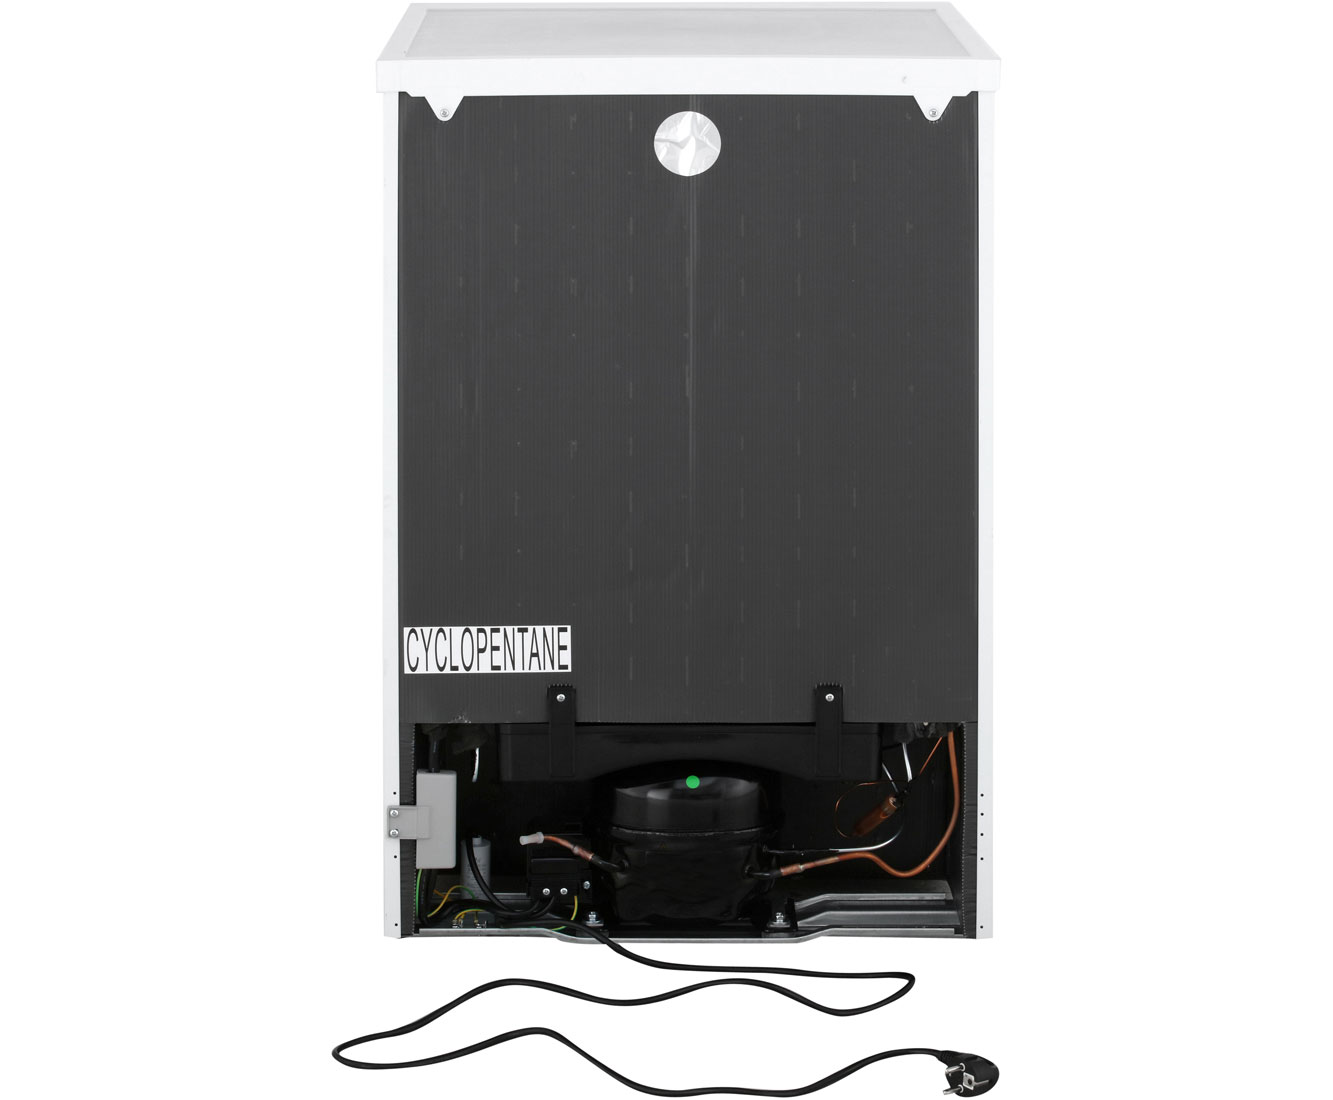 Bomann Kühlschrank Läuft Ständig : Bomann ks 2194 kühlschrank mit gefrierfach weiß a